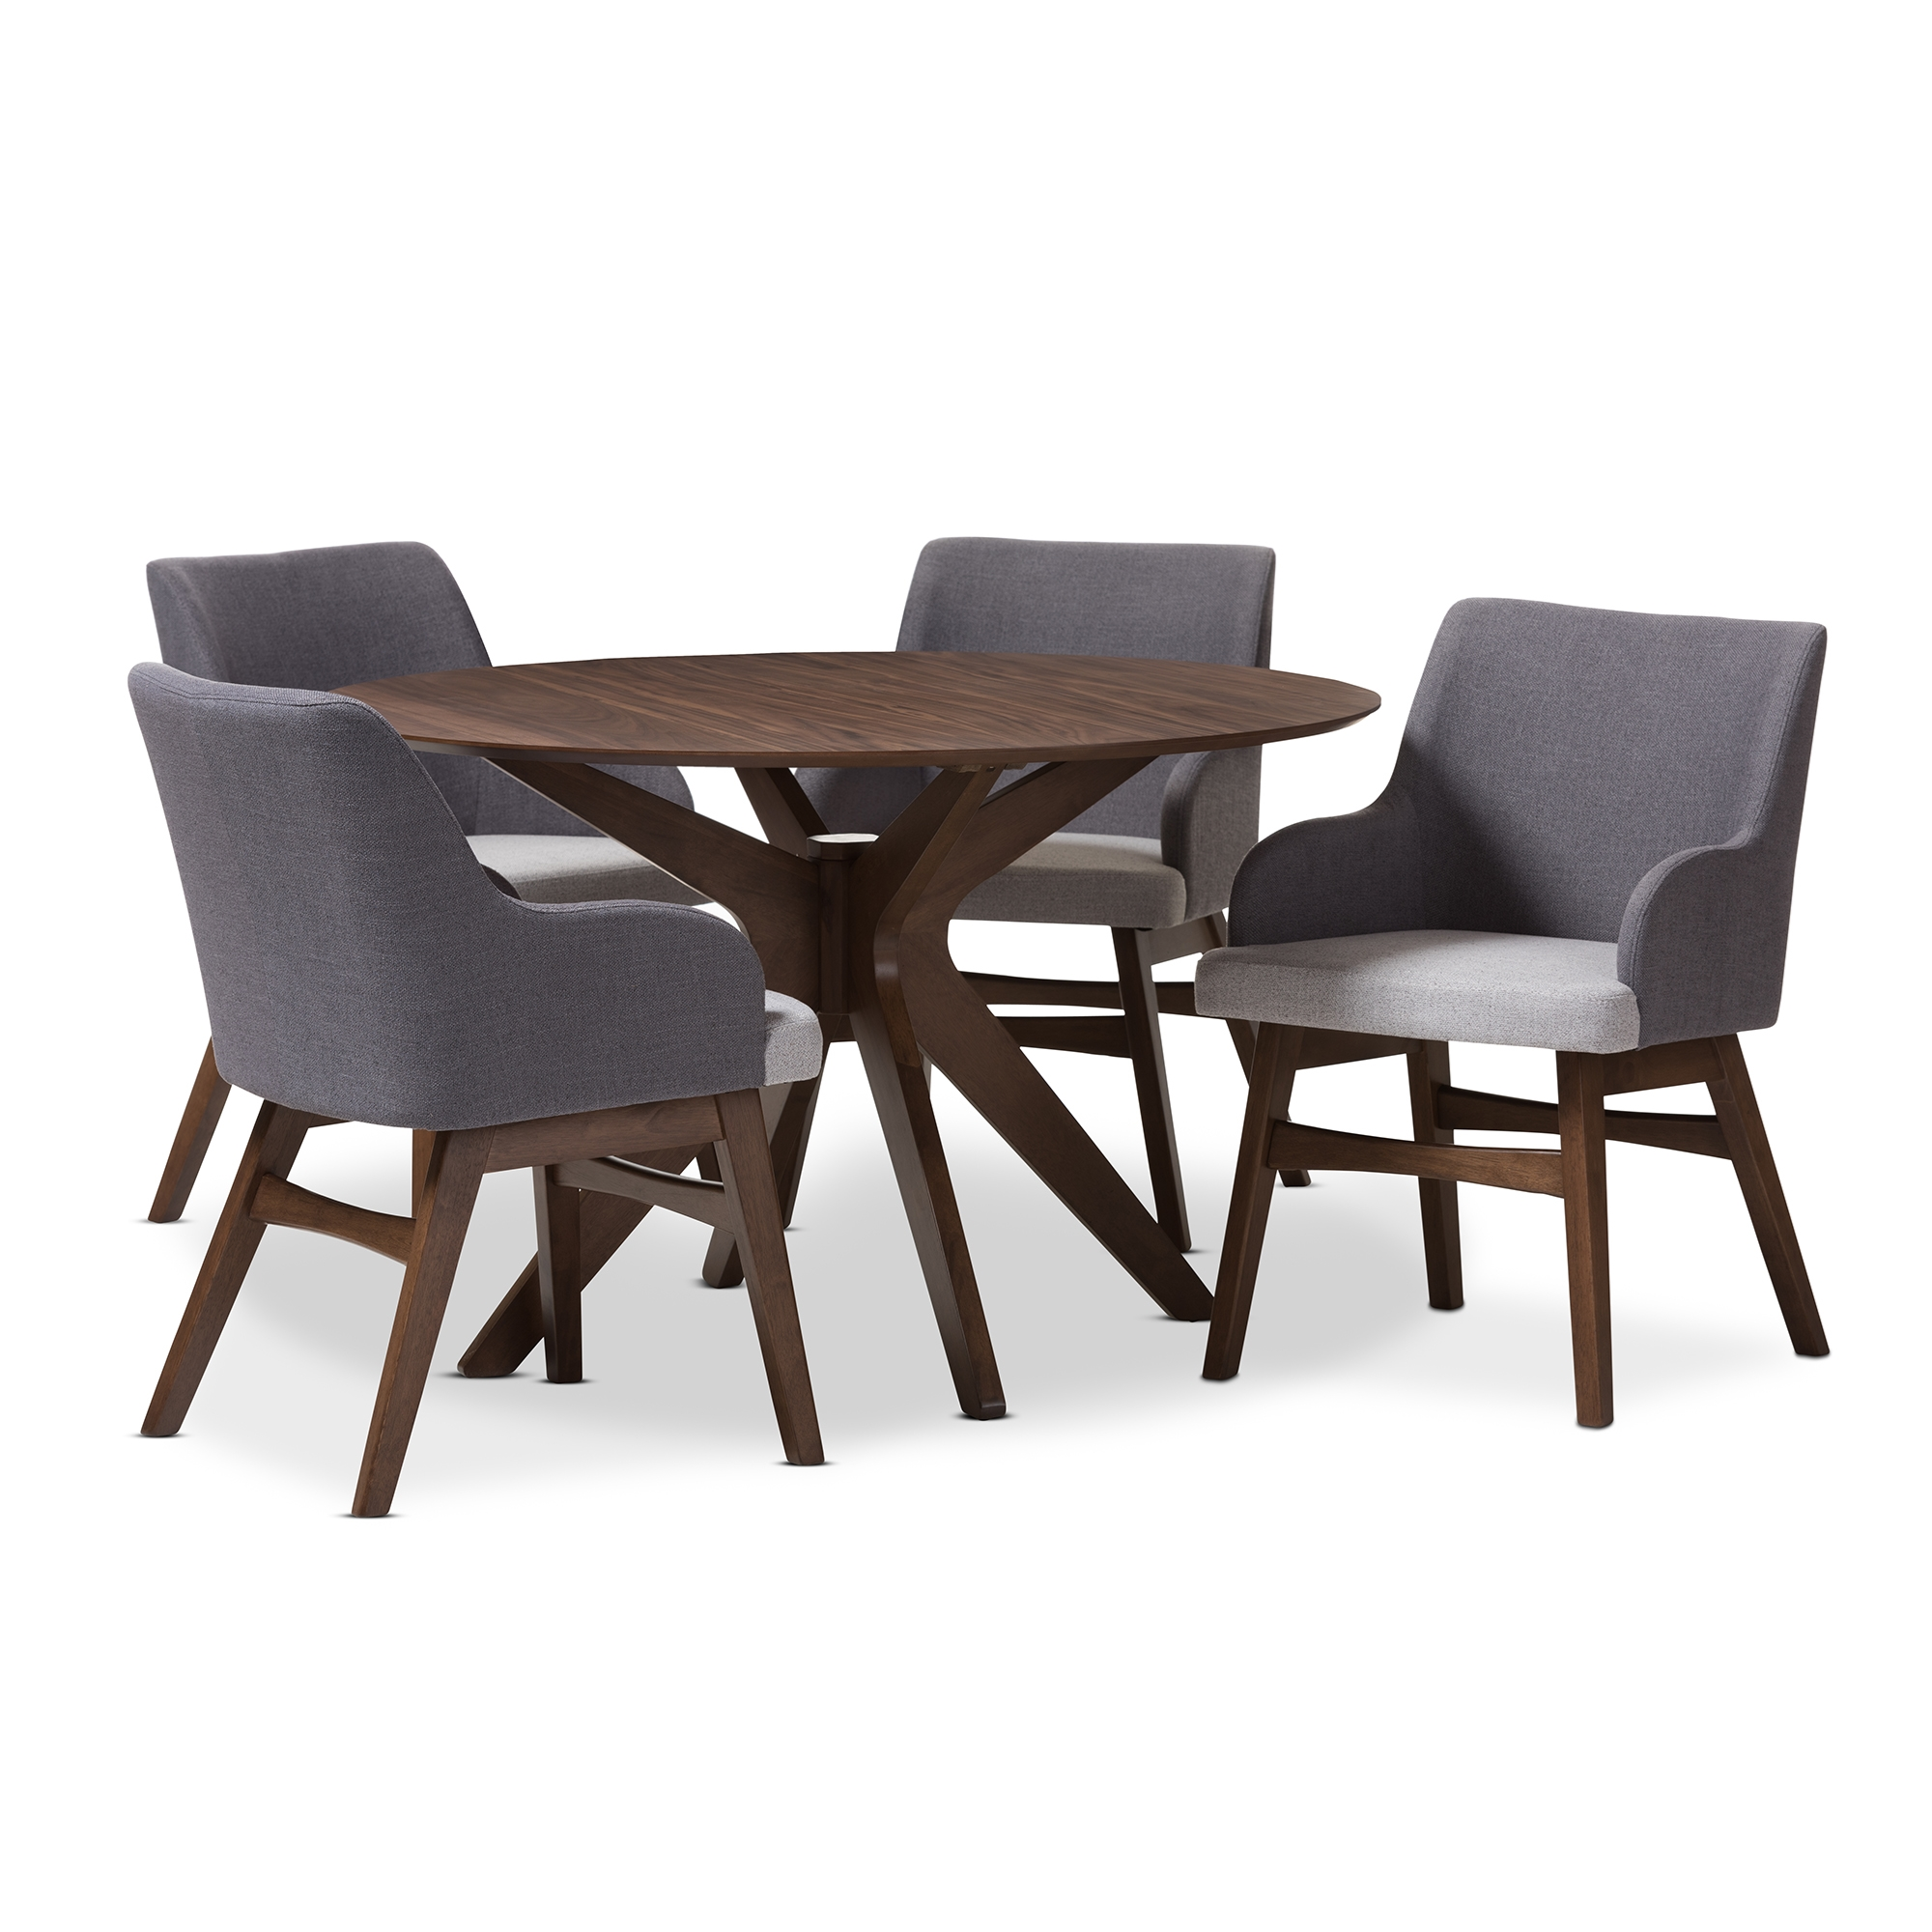 Lovely Baxton Studio Monte Mid Century Modern Walnut Wood Round 5 Piece Dining Set